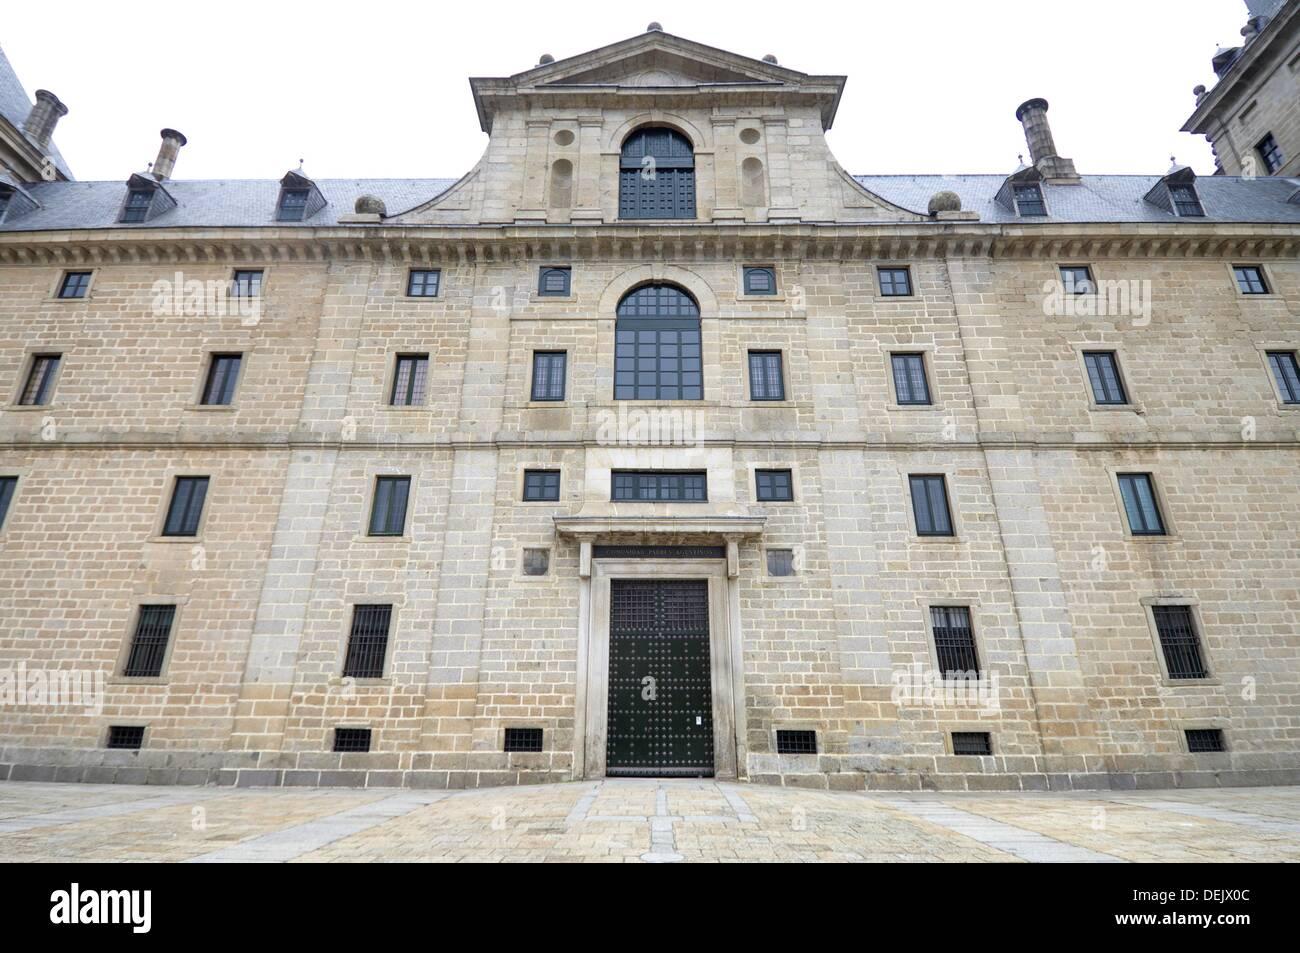 Royal Monastery of El Escorial, San Lorenzo de El Escorial, Madrid, Spain Stock Photo